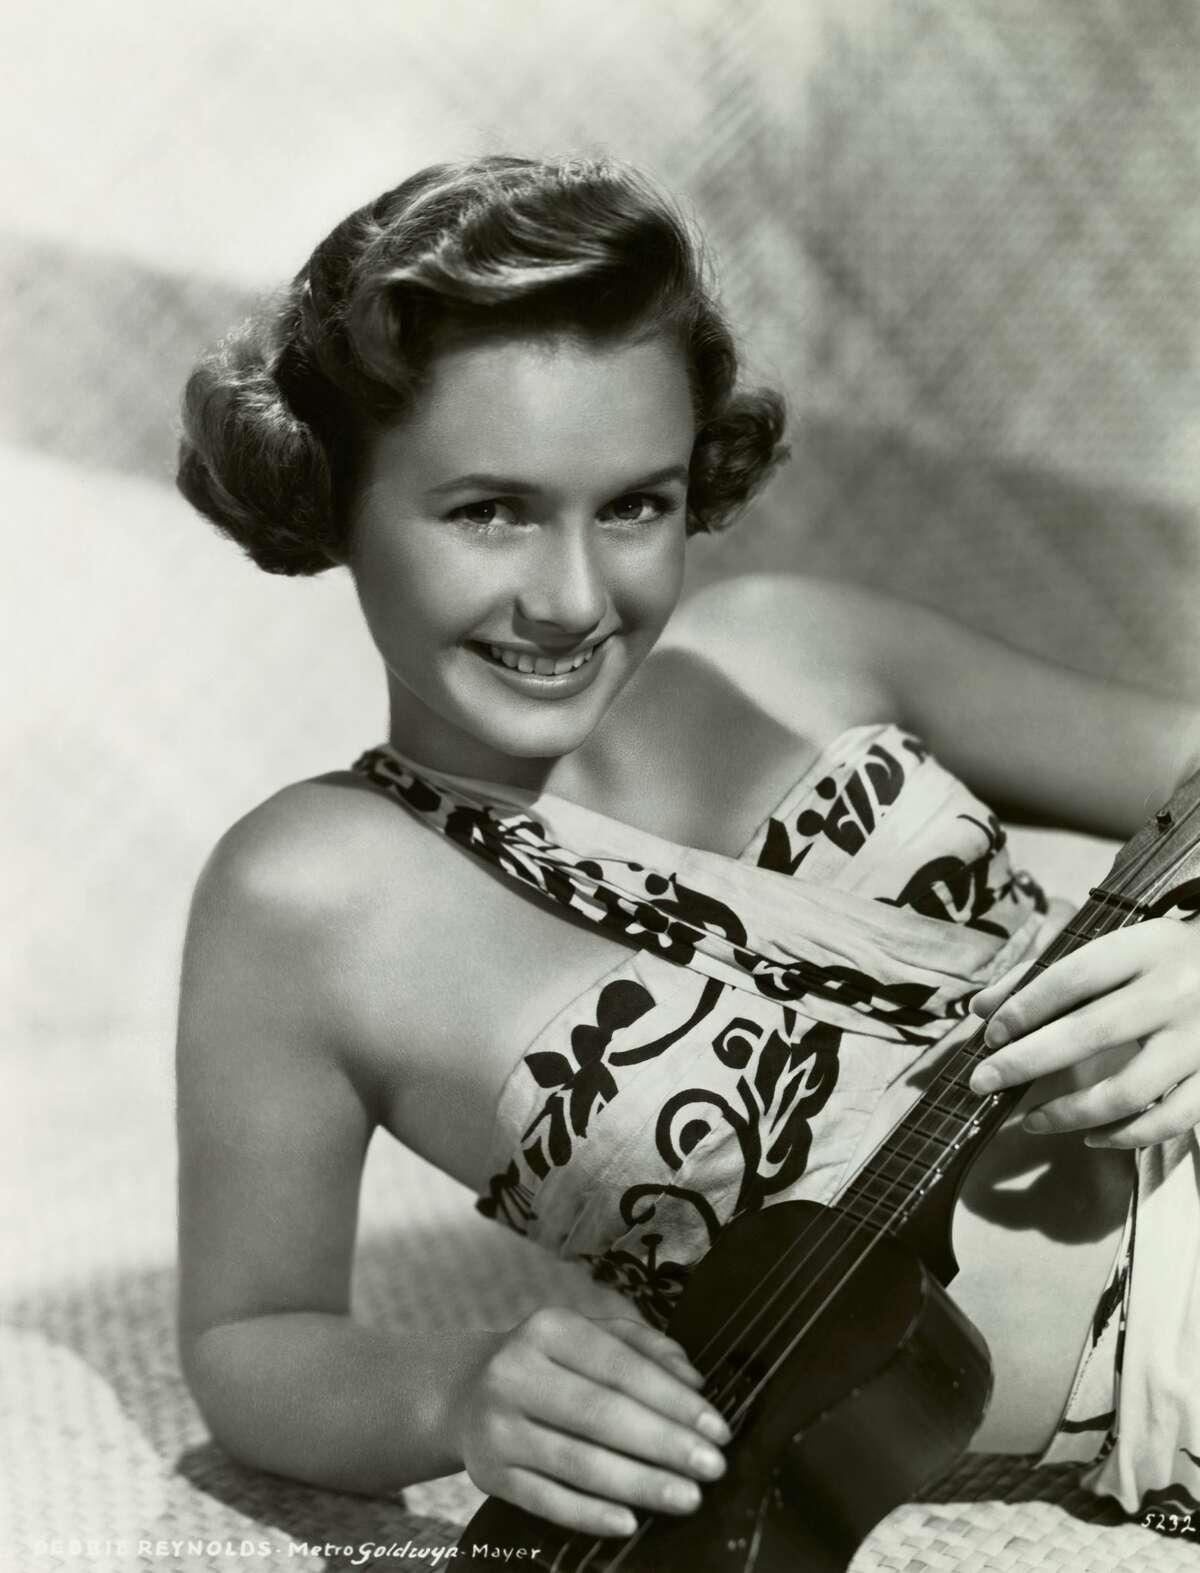 Debbie Reynolds holding a Ukelele.